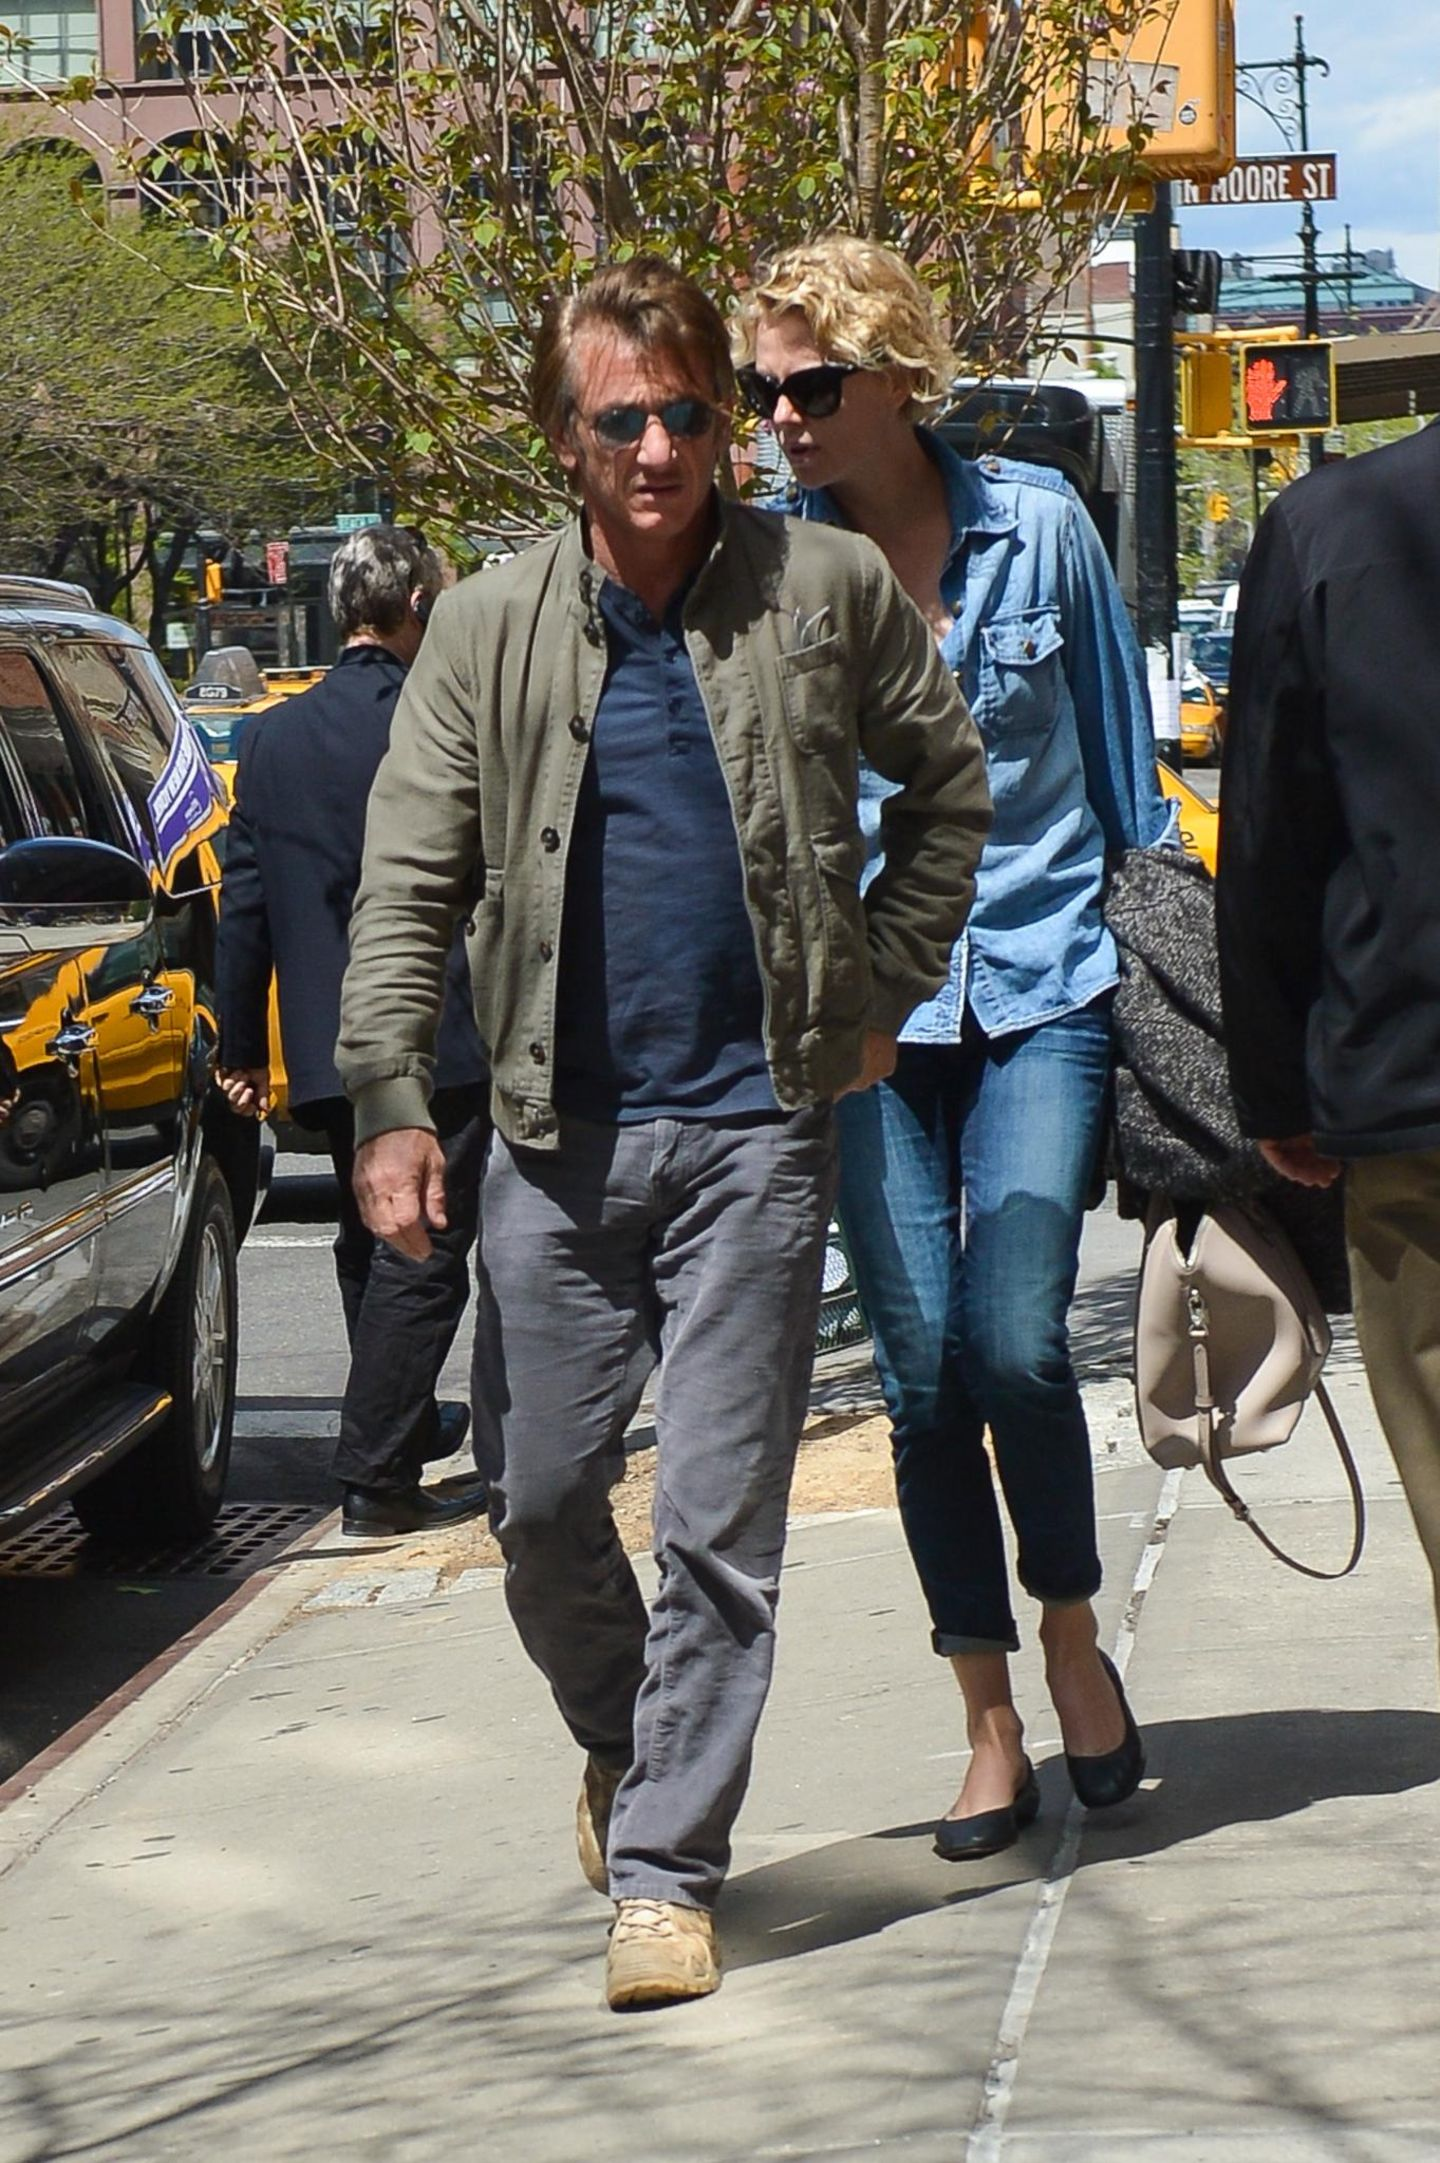 6. Mai 2014: Sean Penn und Charlize Theron werden in Manhatten vor ihrem Hotel von einem Auto abgeholt.